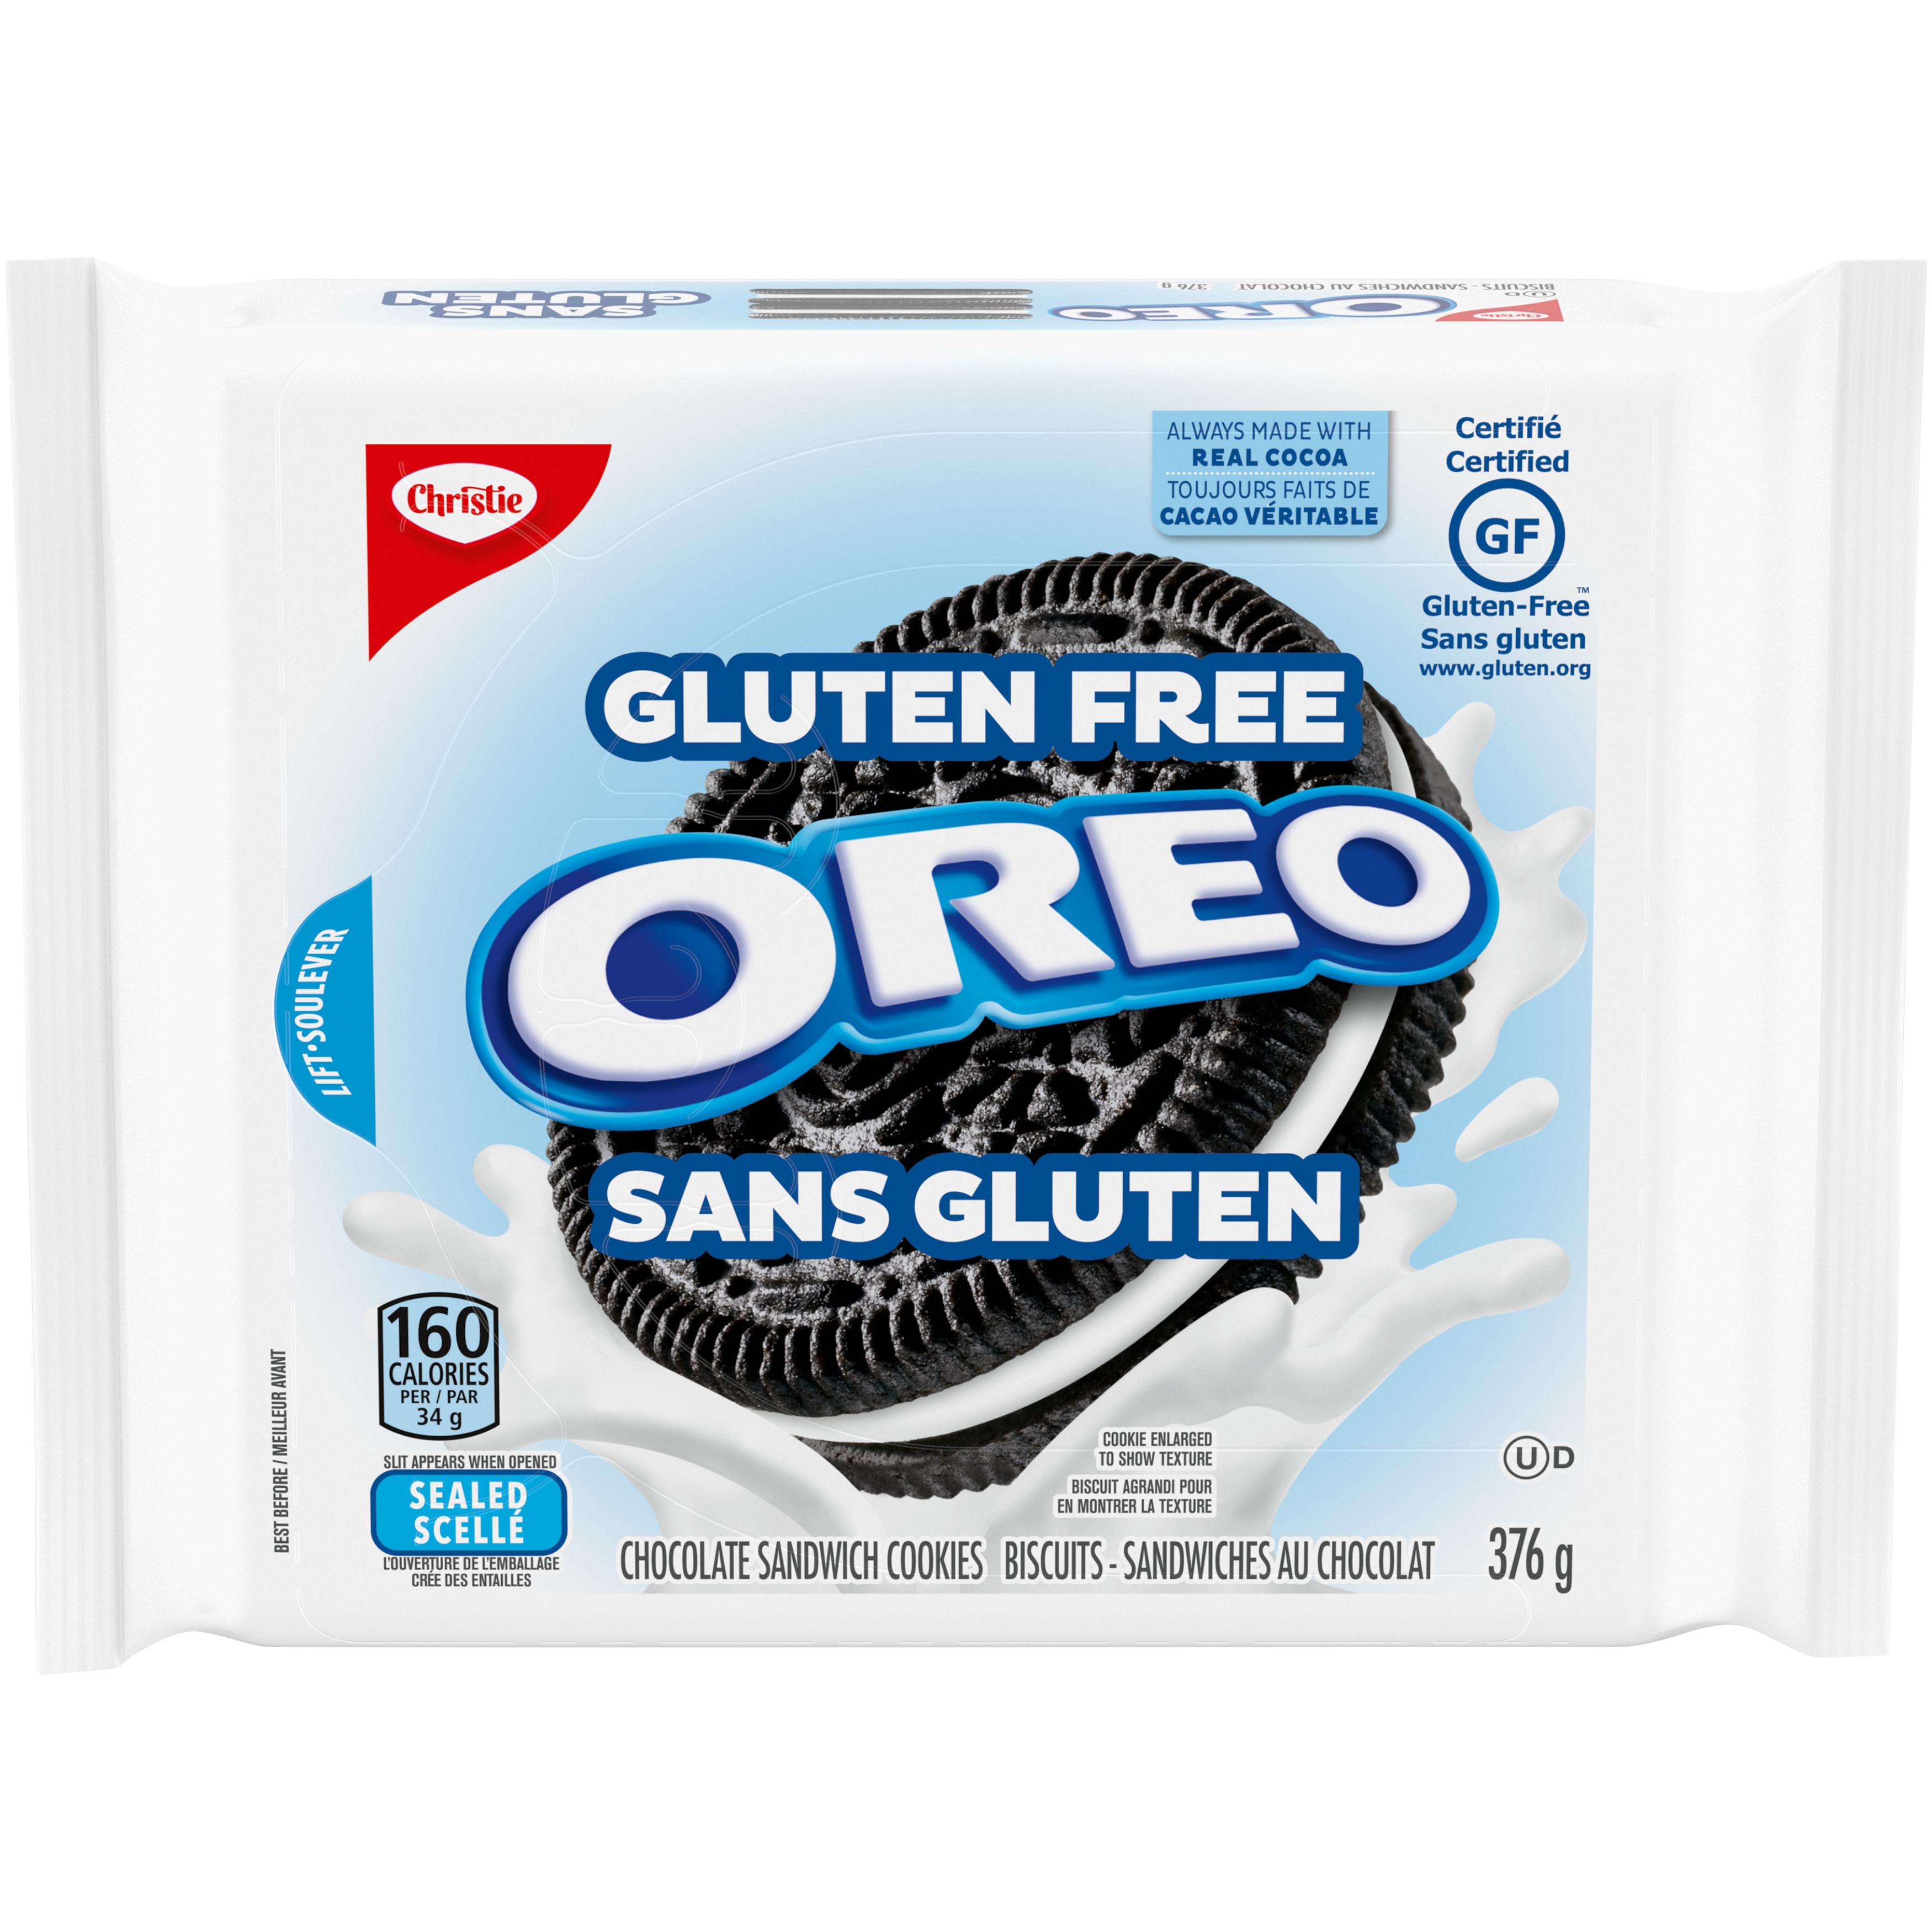 Christie Oreo Original Gluten Free Biscuits 376 G